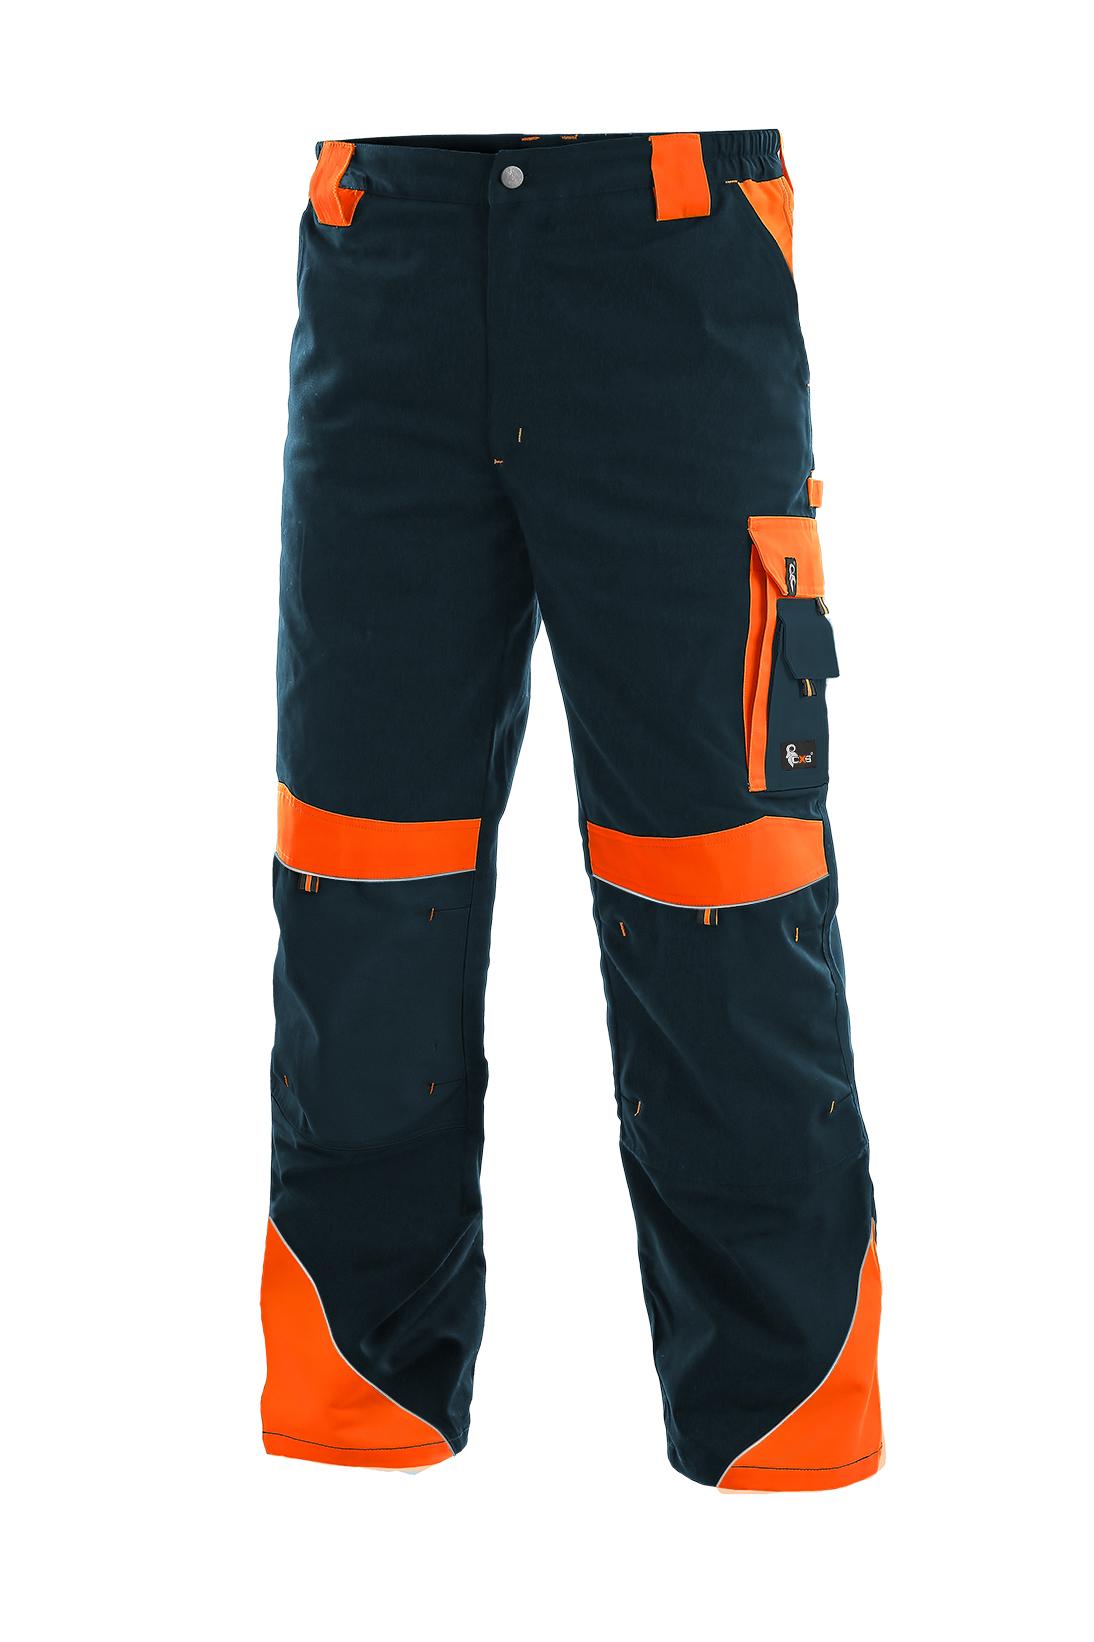 e95f0e24b1e4 Pracovné montérkové nohavice do pása